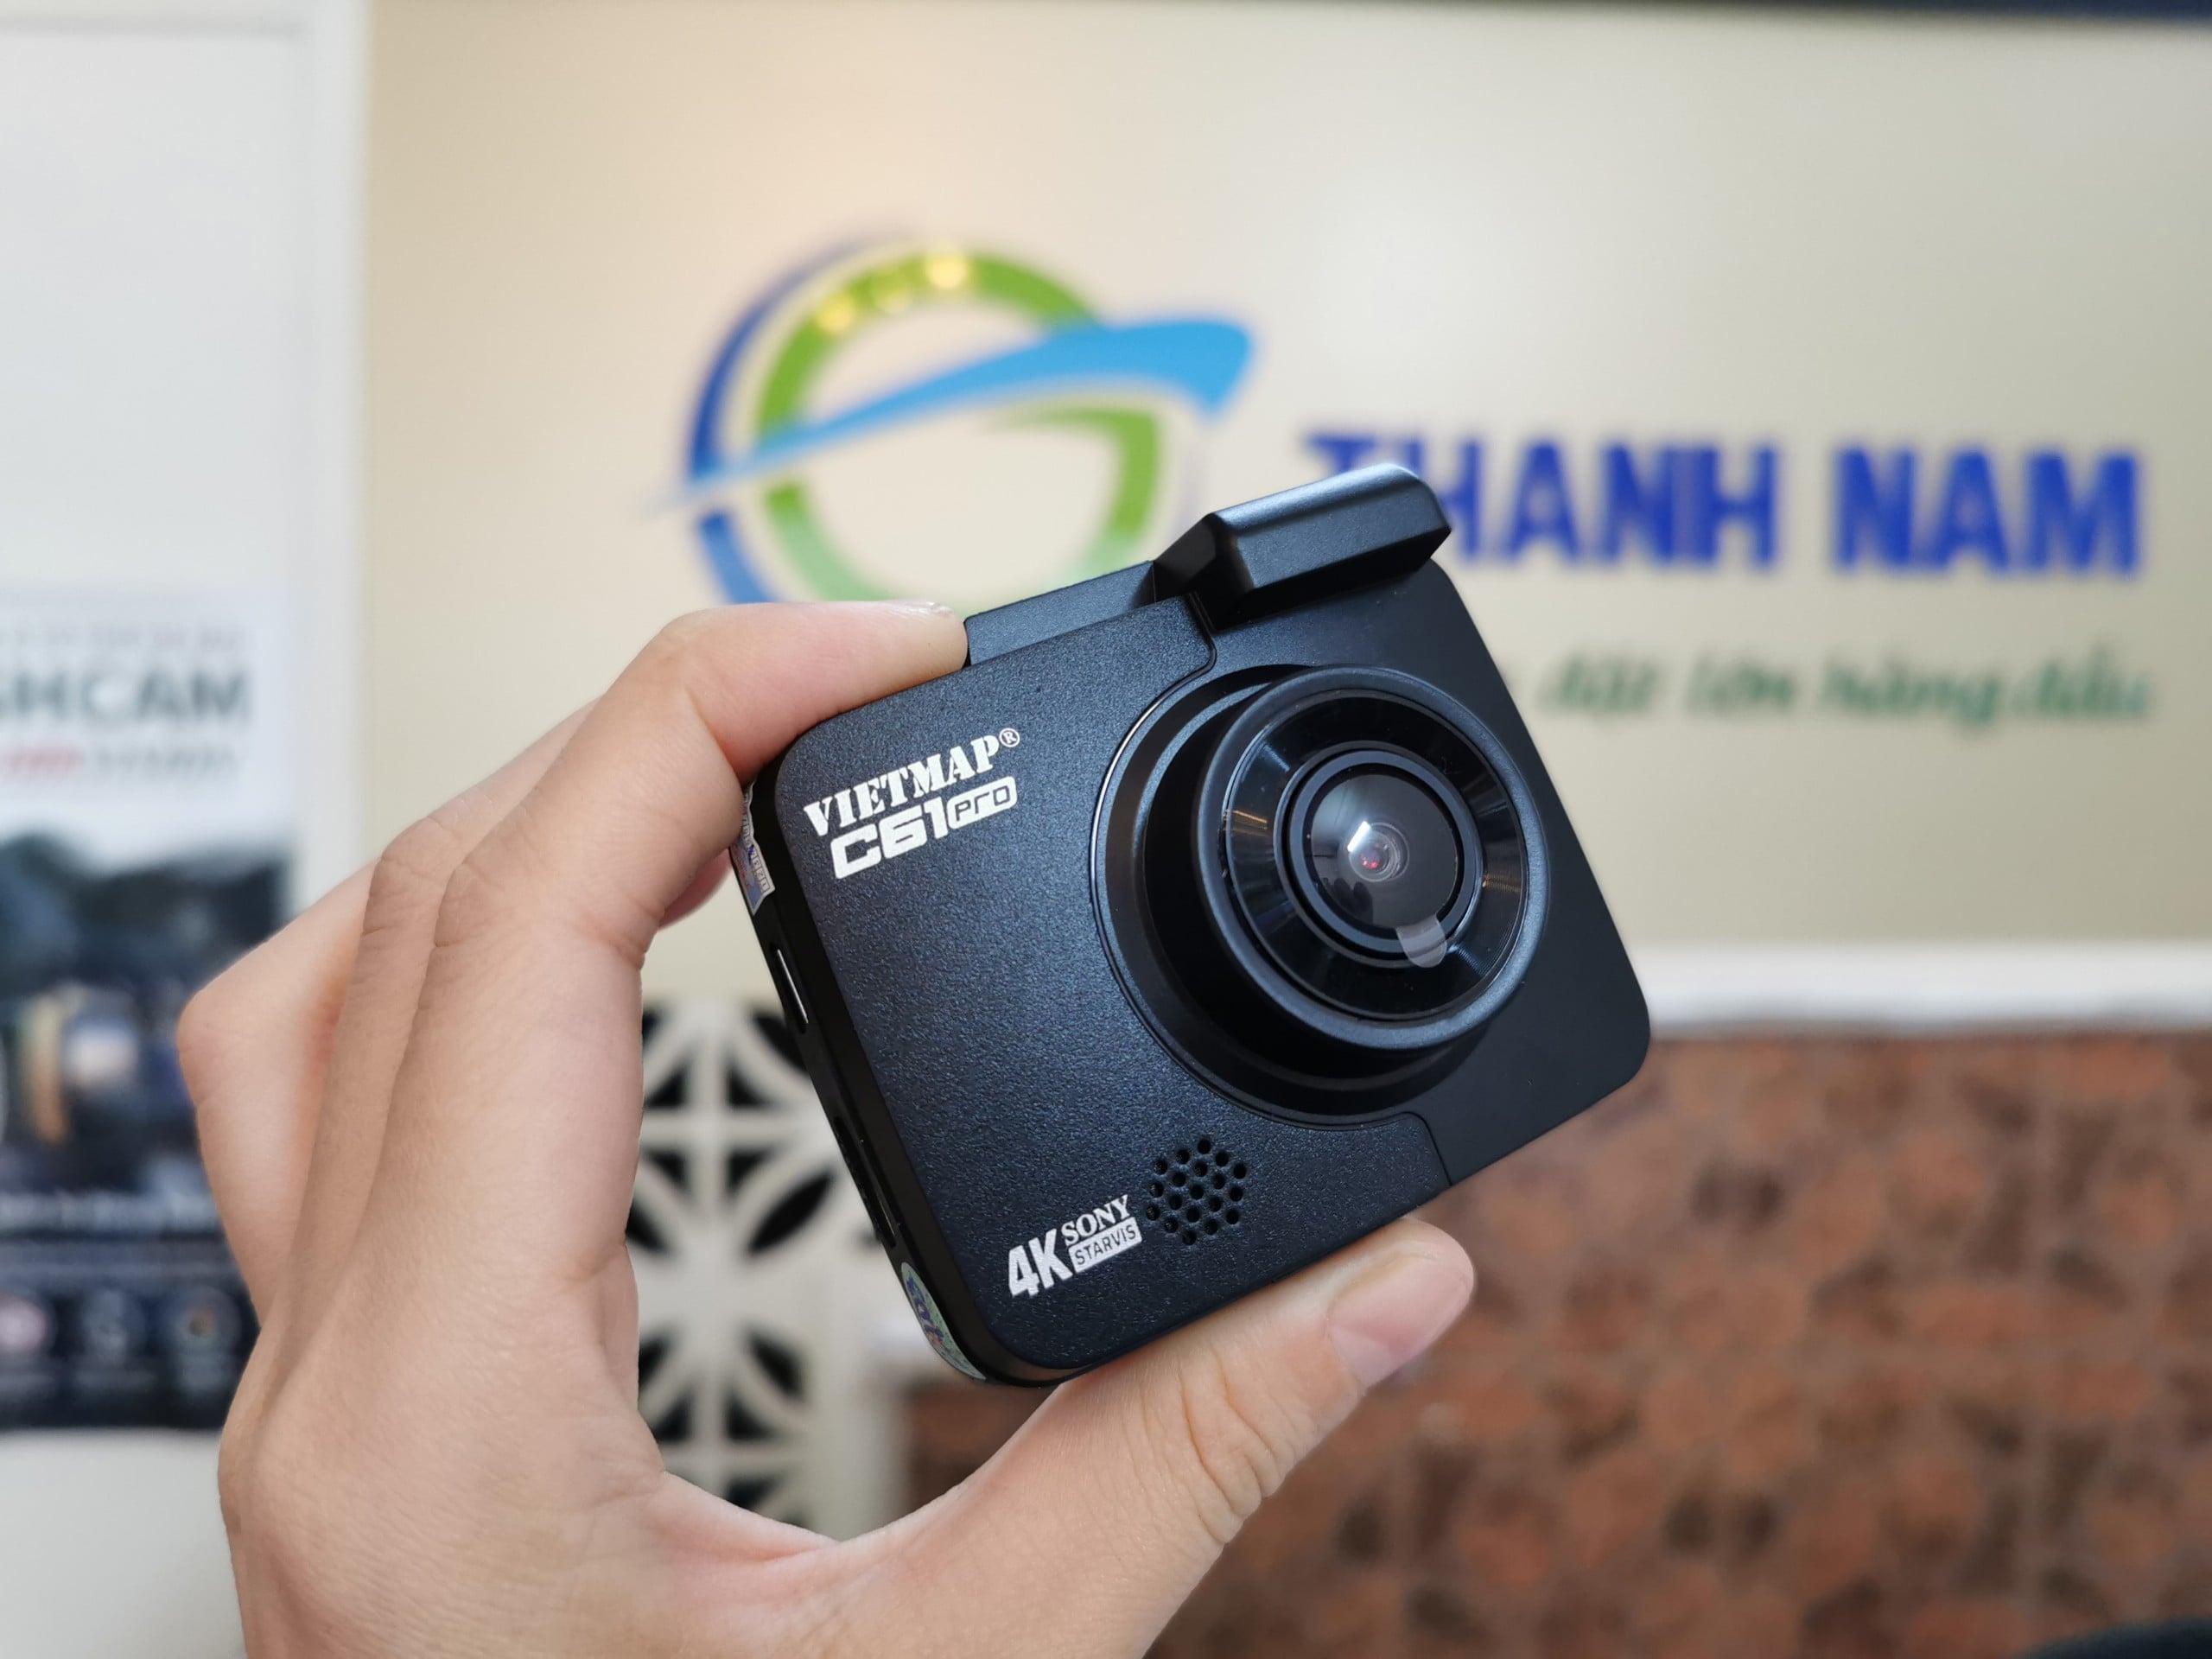 hình ảnh thực tế của camera hành trình vietmap c61 pro